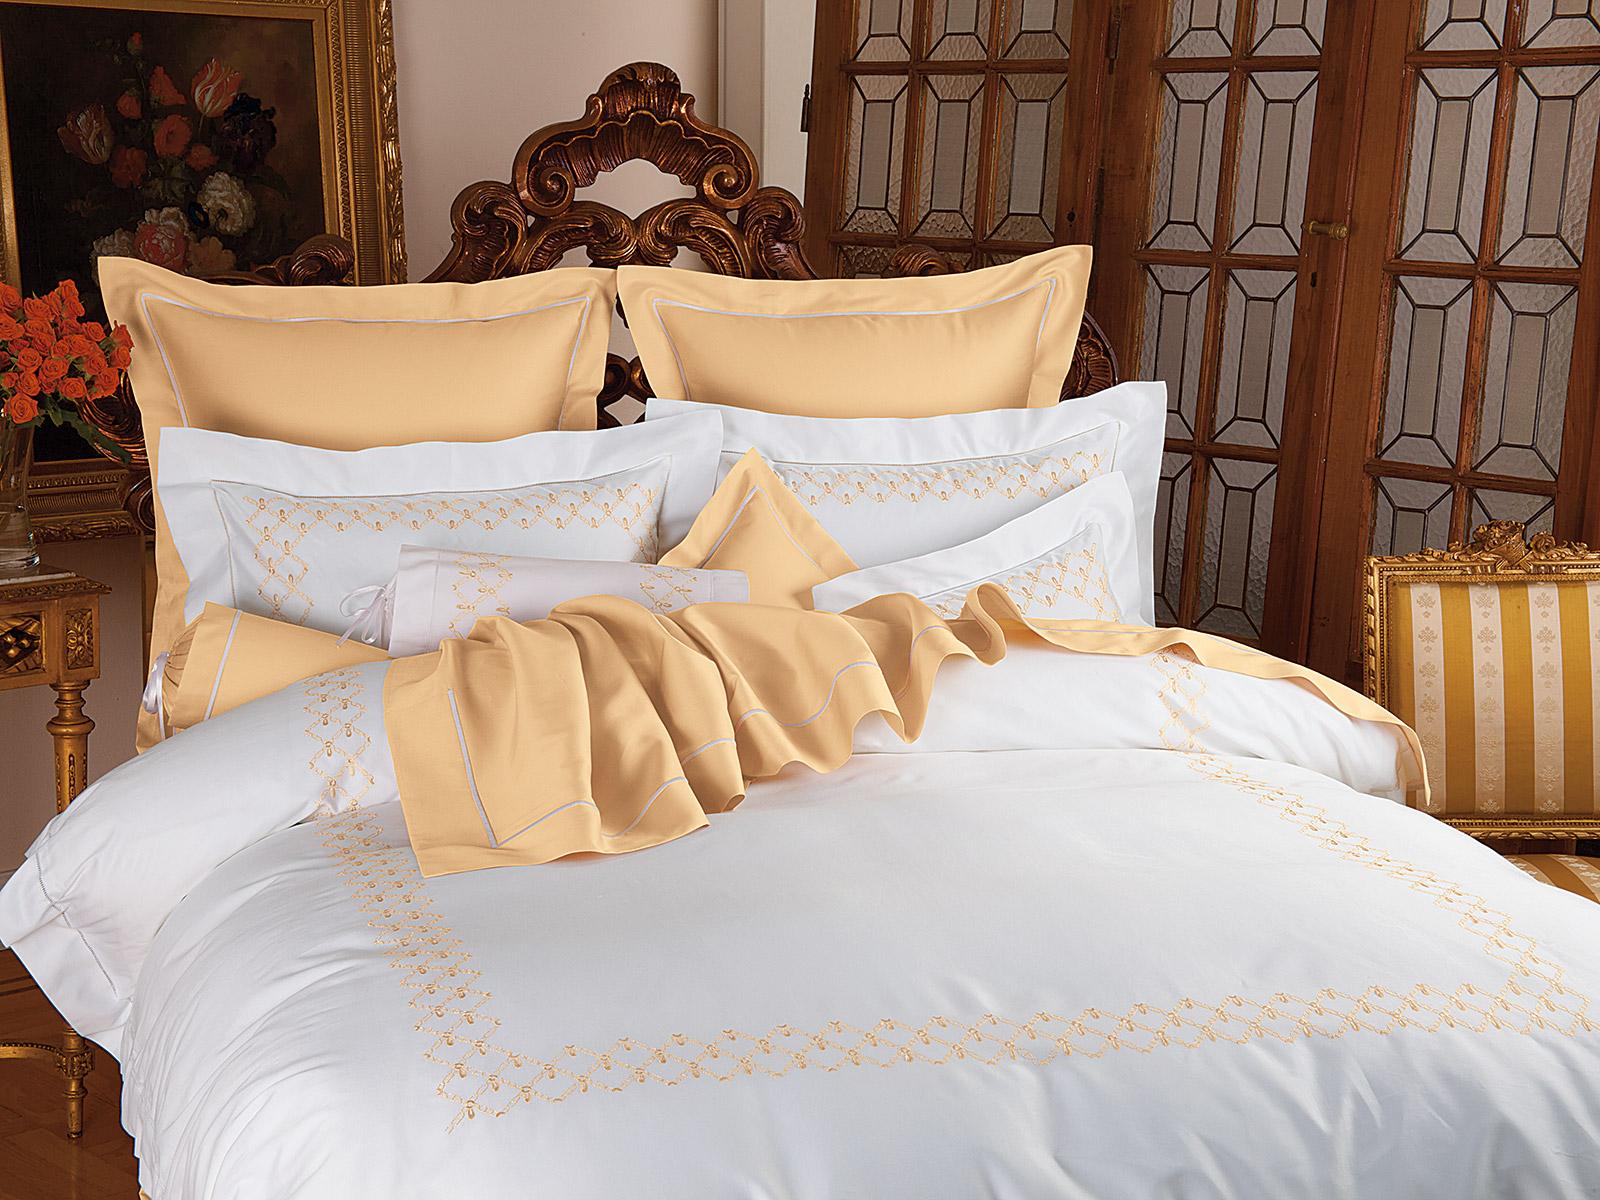 Aurora Luxury Bedding Italian Bed Linens Schweitzer